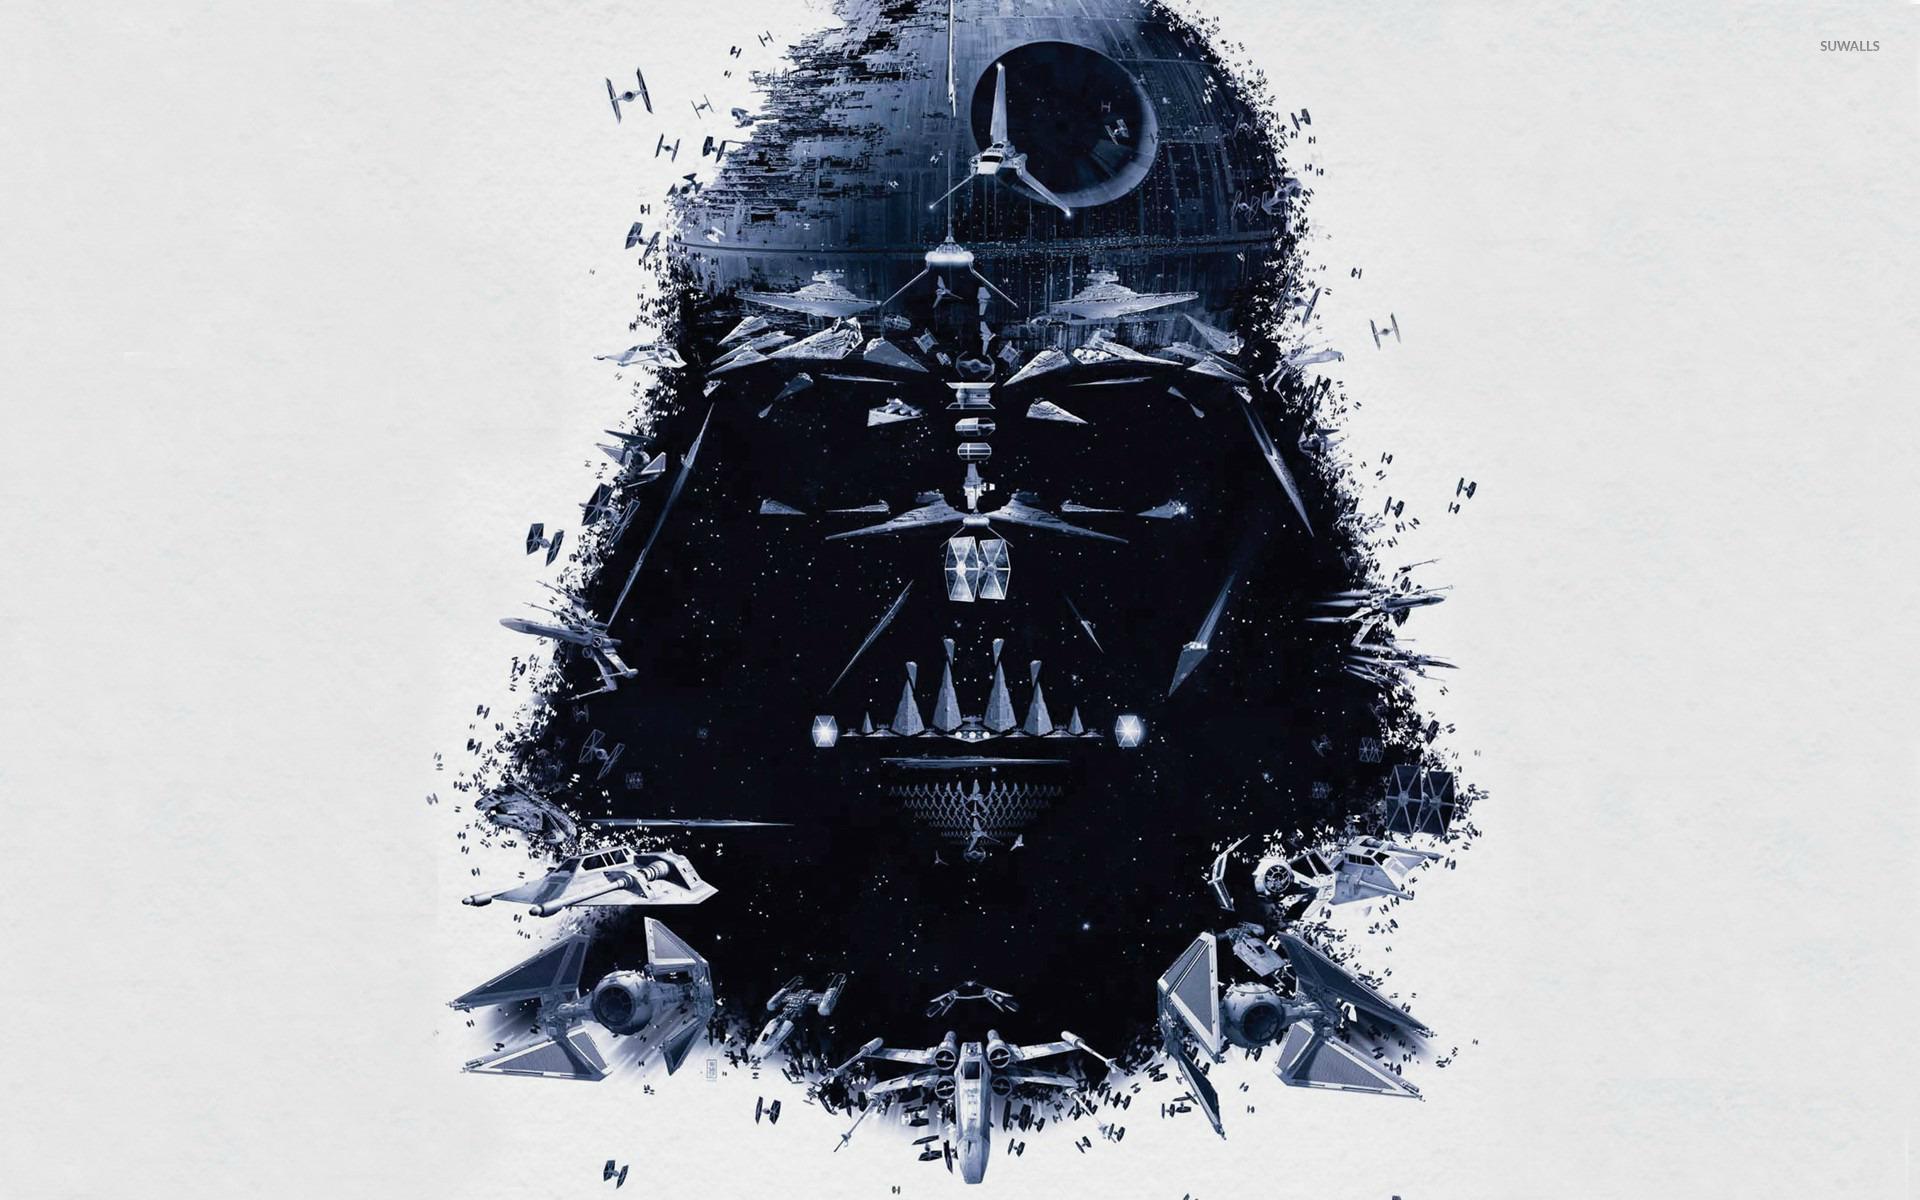 Darth Vader Wallpaper Movie Wallpapers 16086